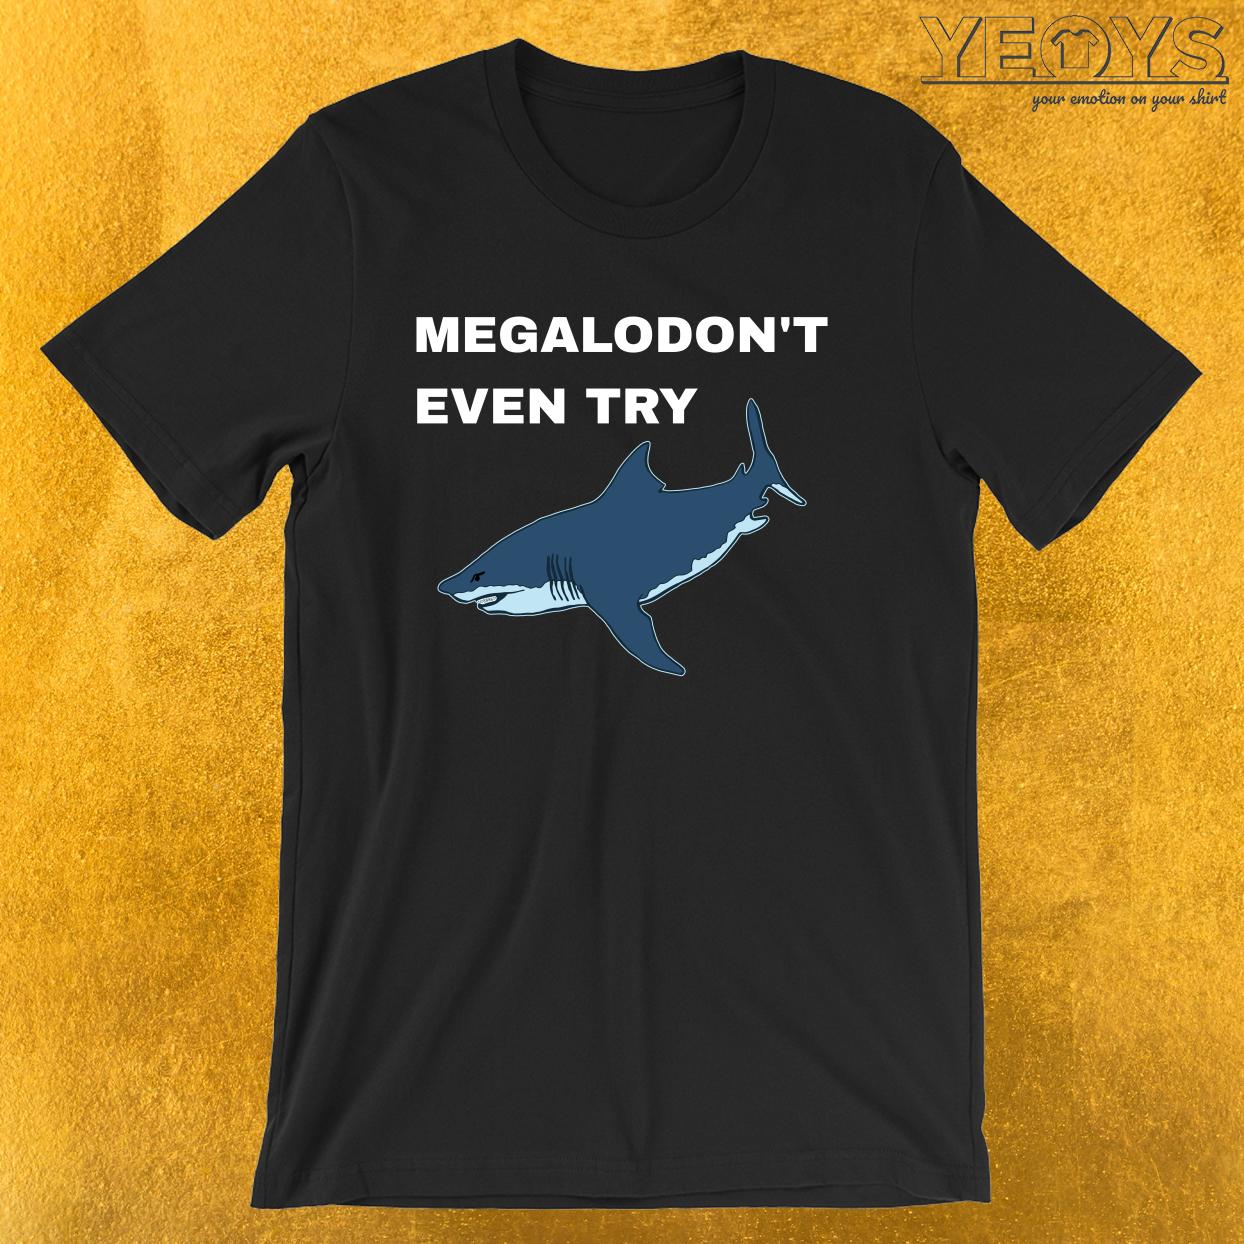 MegaloDON'T Even Try – Funny Megalodon Shark Tee